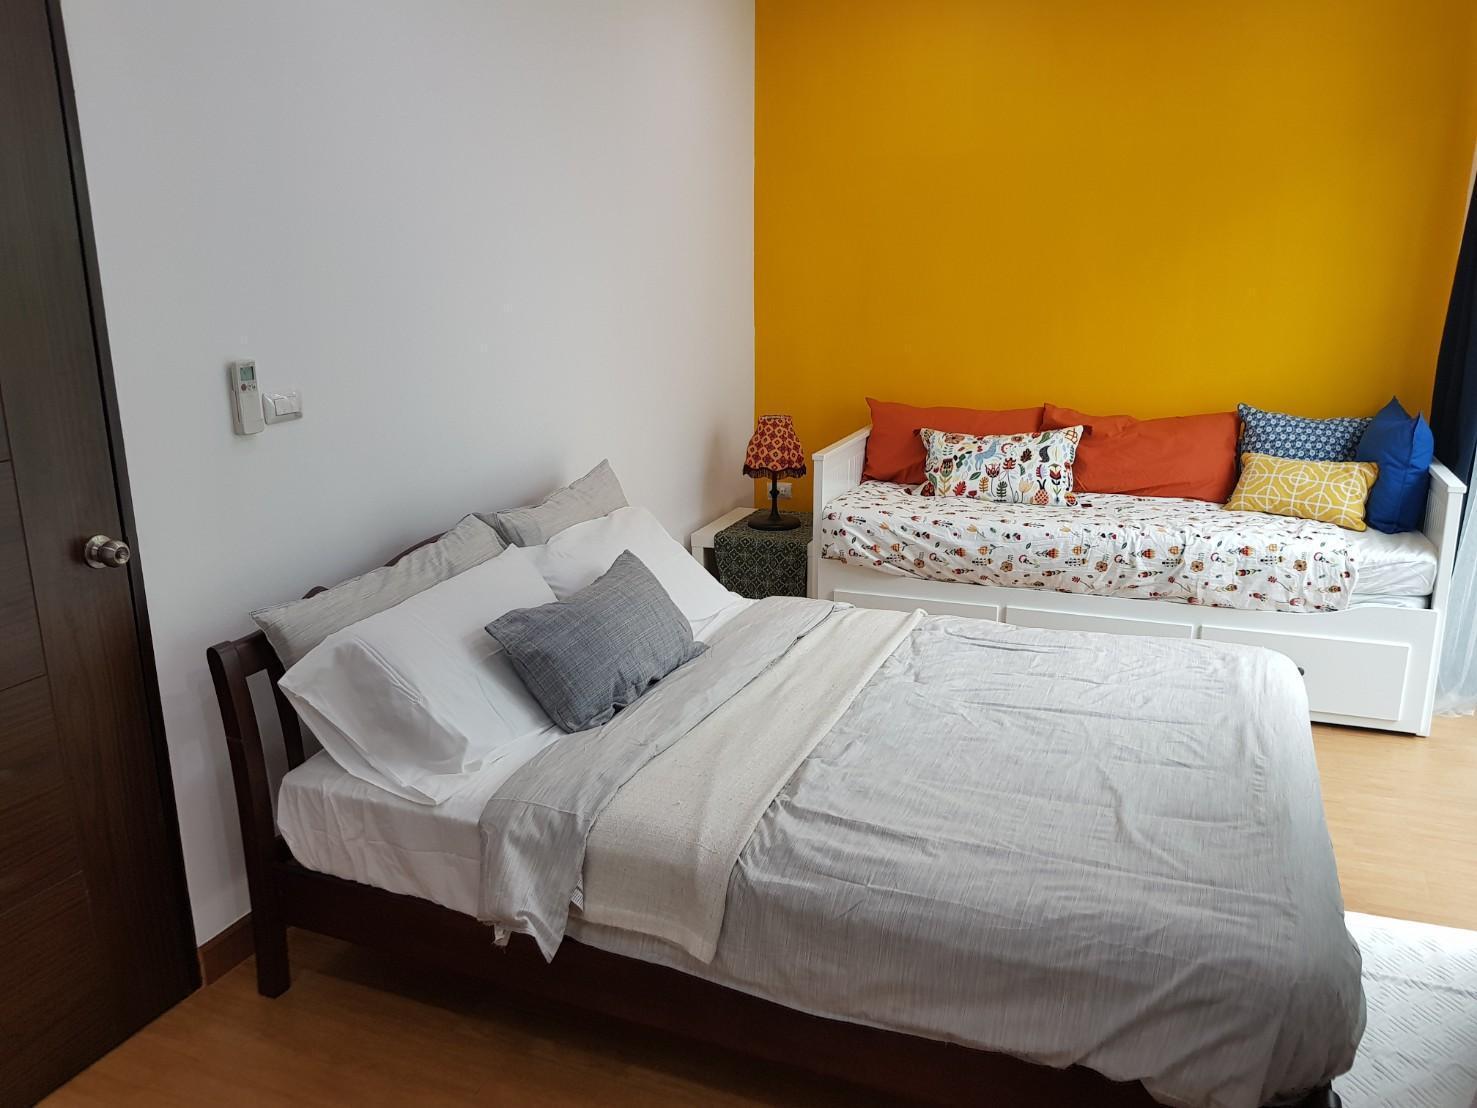 Saimai Hostel สตูดิโอ อพาร์ตเมนต์ 1 ห้องน้ำส่วนตัว ขนาด 18 ตร.ม. – สนามบินนานาชาติดอนเมือง